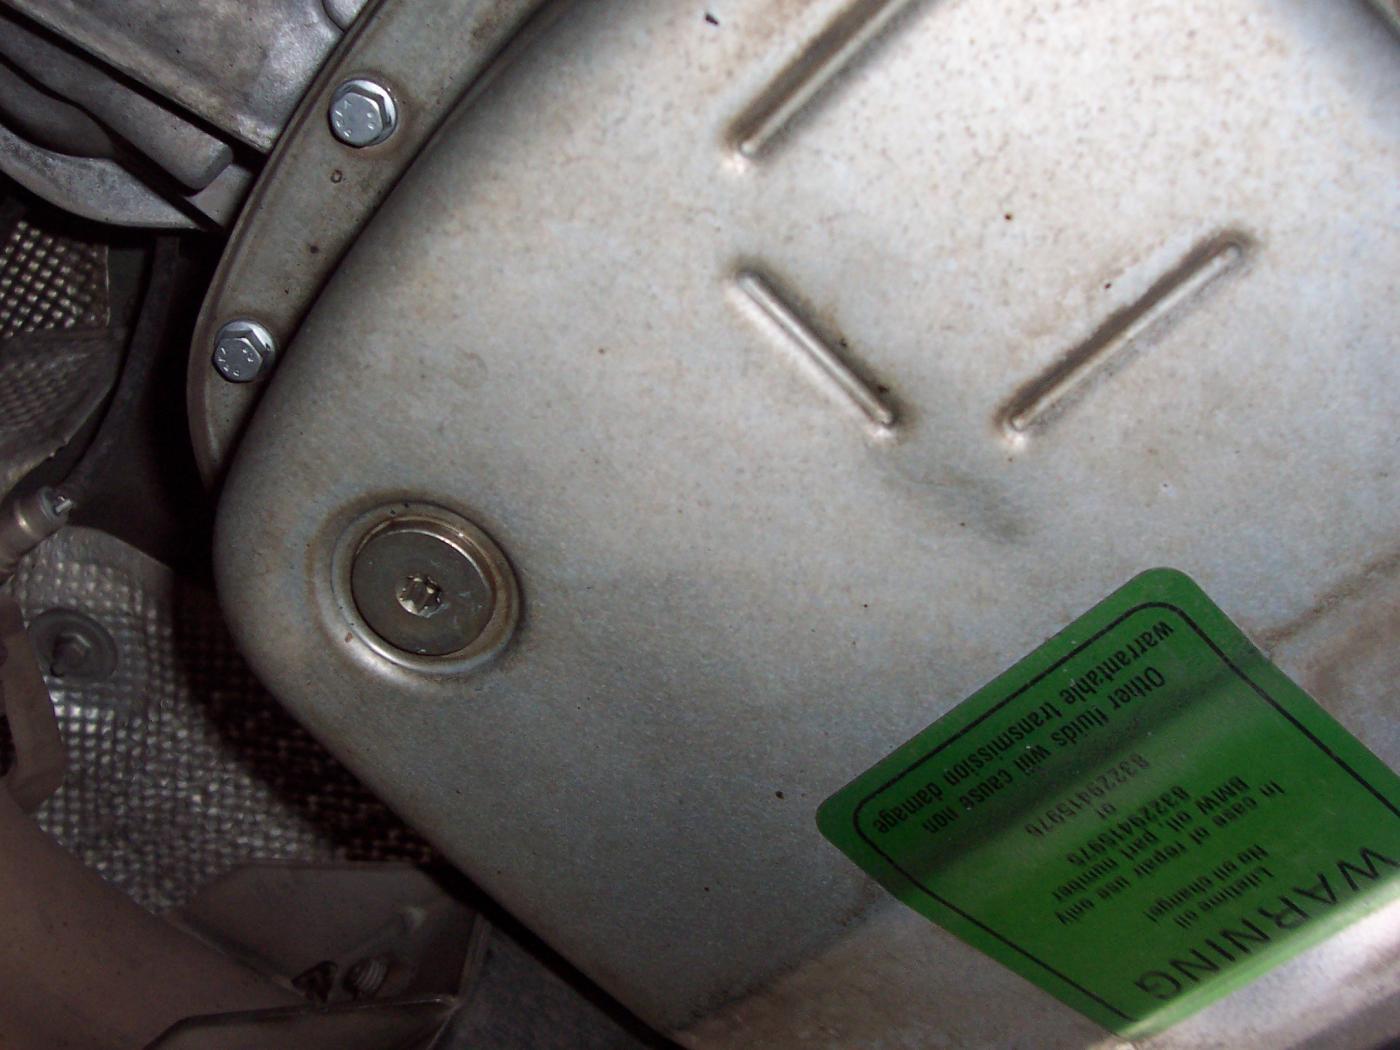 BMW-X5-E53-Vidange-et-entretien-de-la-boite-automatique-7.jpg